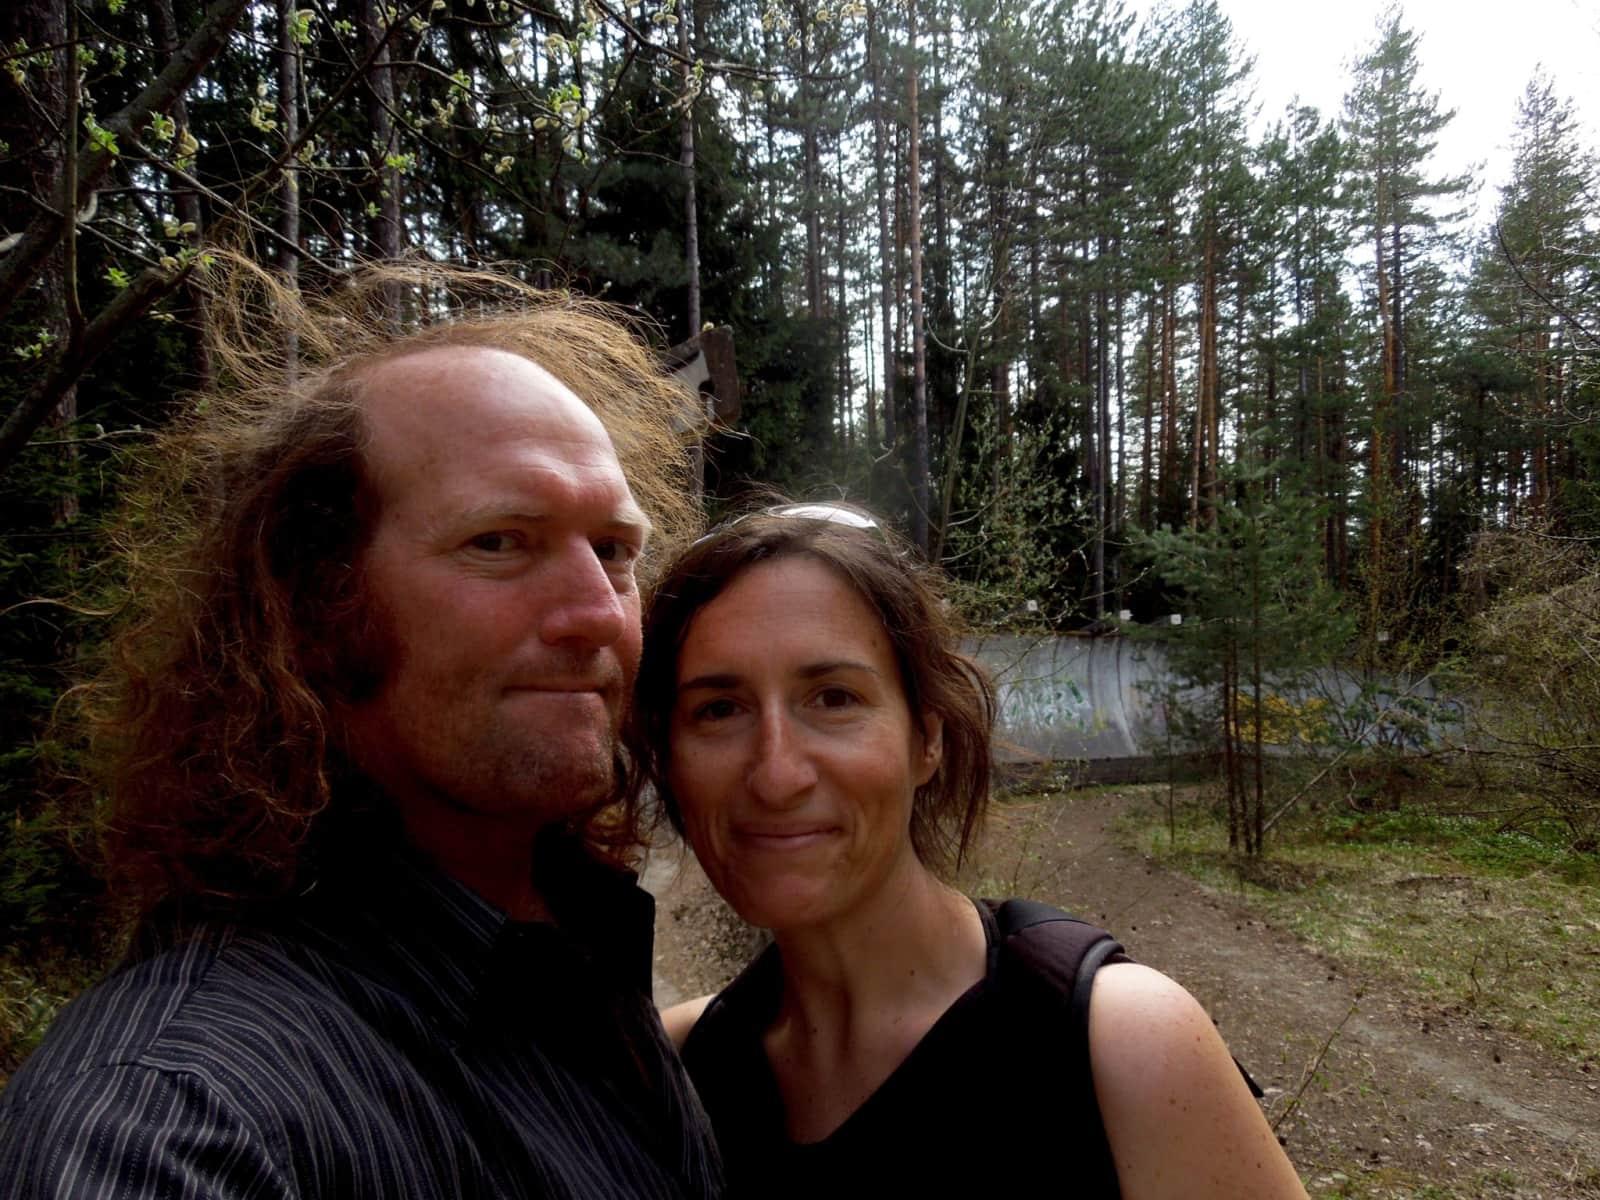 Amanda & Caleb from Ceglie Messapica, Italy